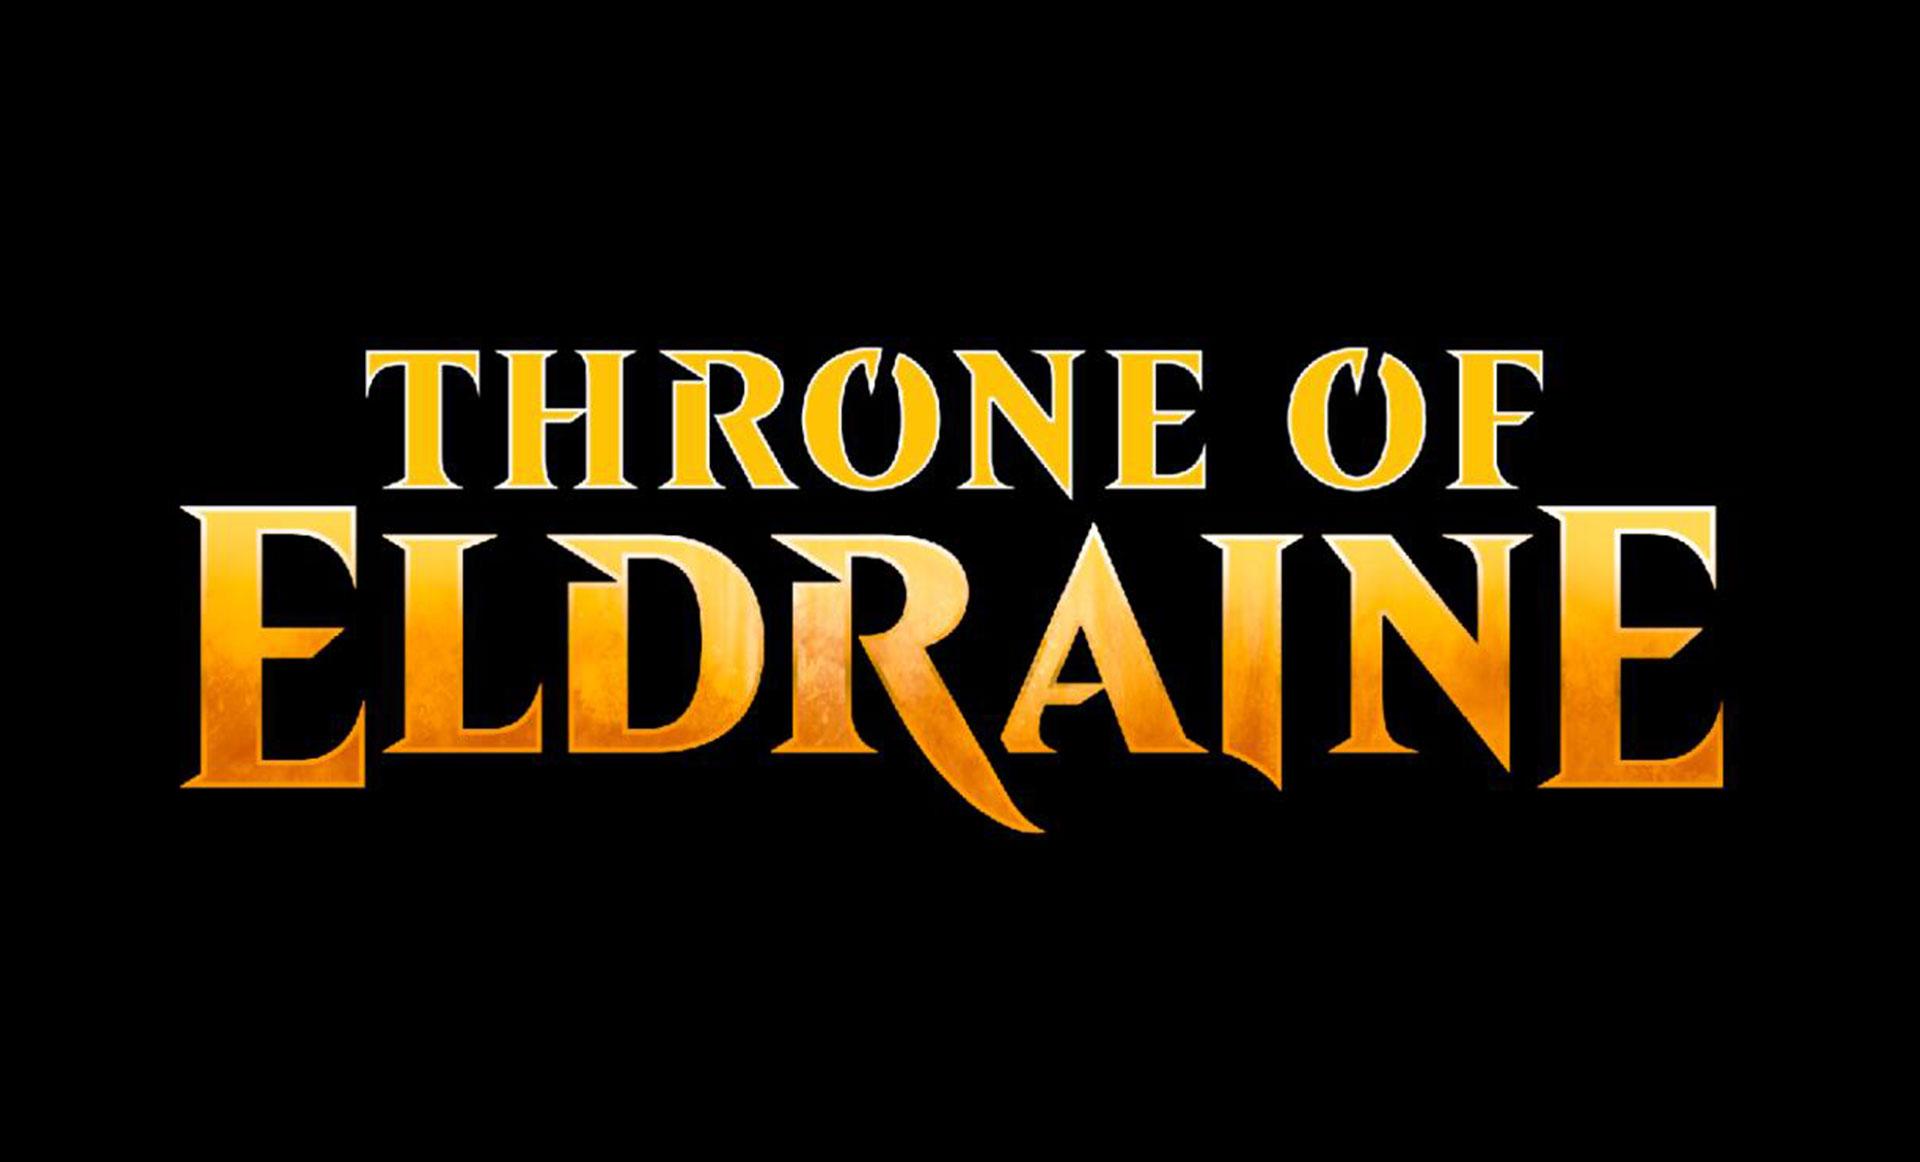 Throne of Eldraine - Planeswalker Deck Display (10 Decks)